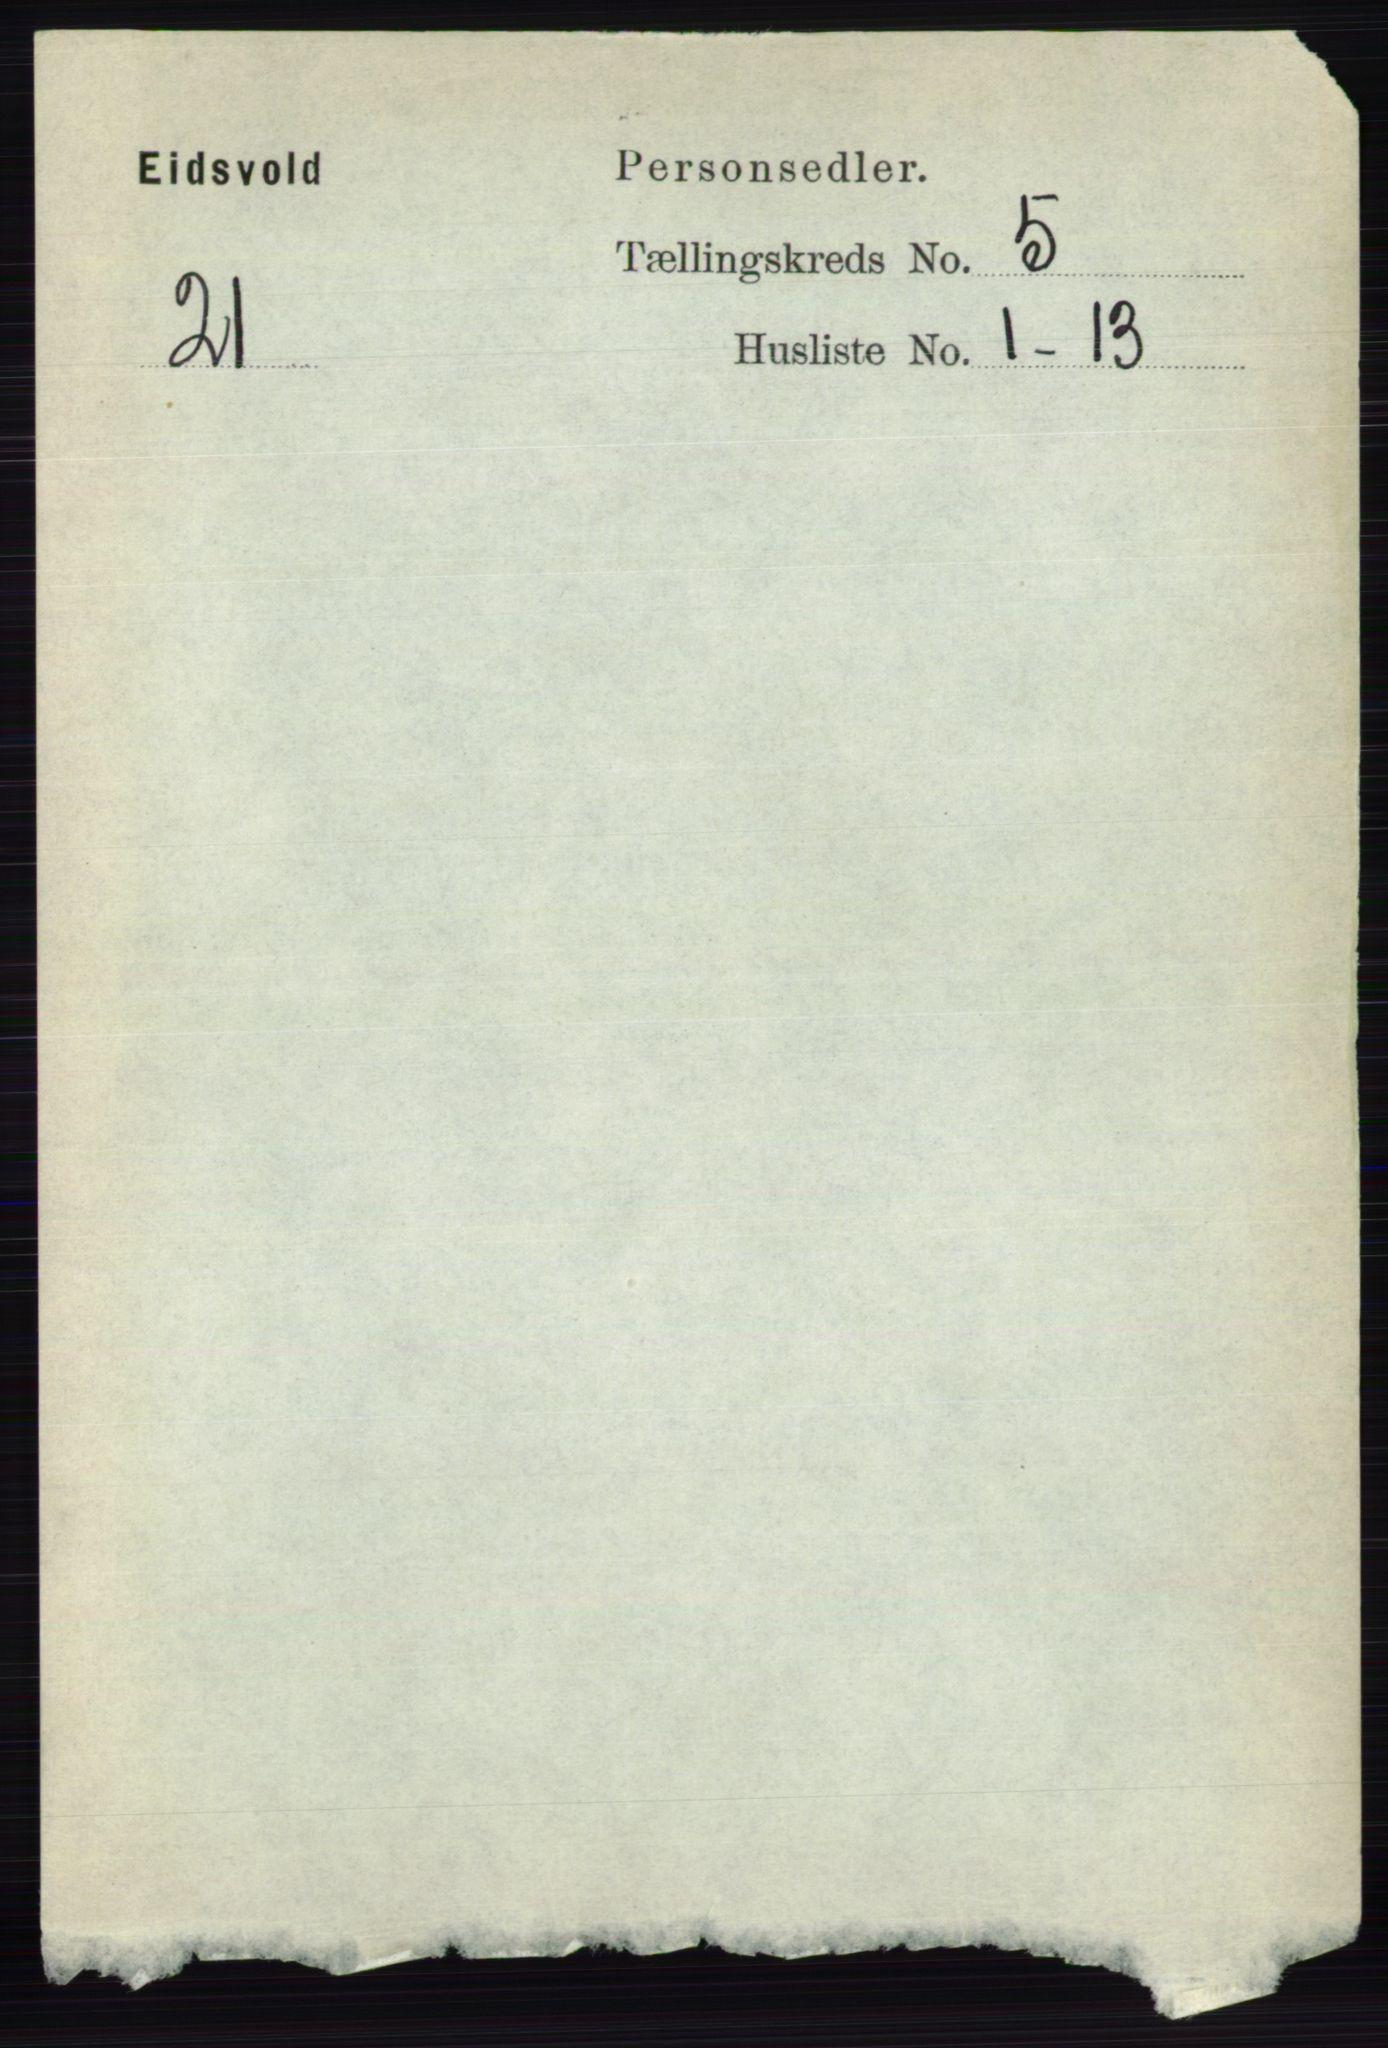 RA, Folketelling 1891 for 0237 Eidsvoll herred, 1891, s. 2743